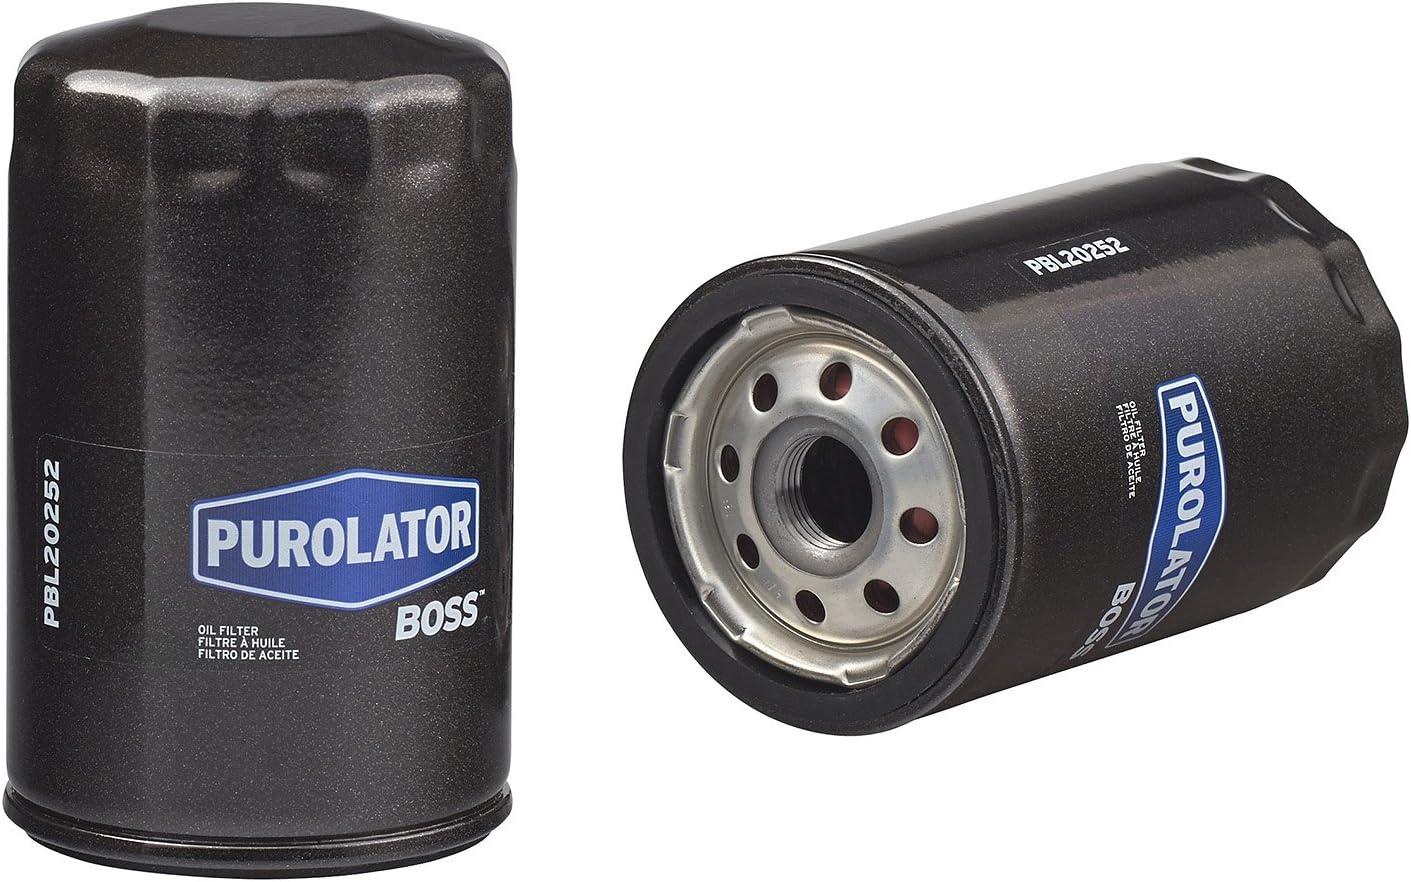 Purolator PBL20252 Boss Premium Oil Filter